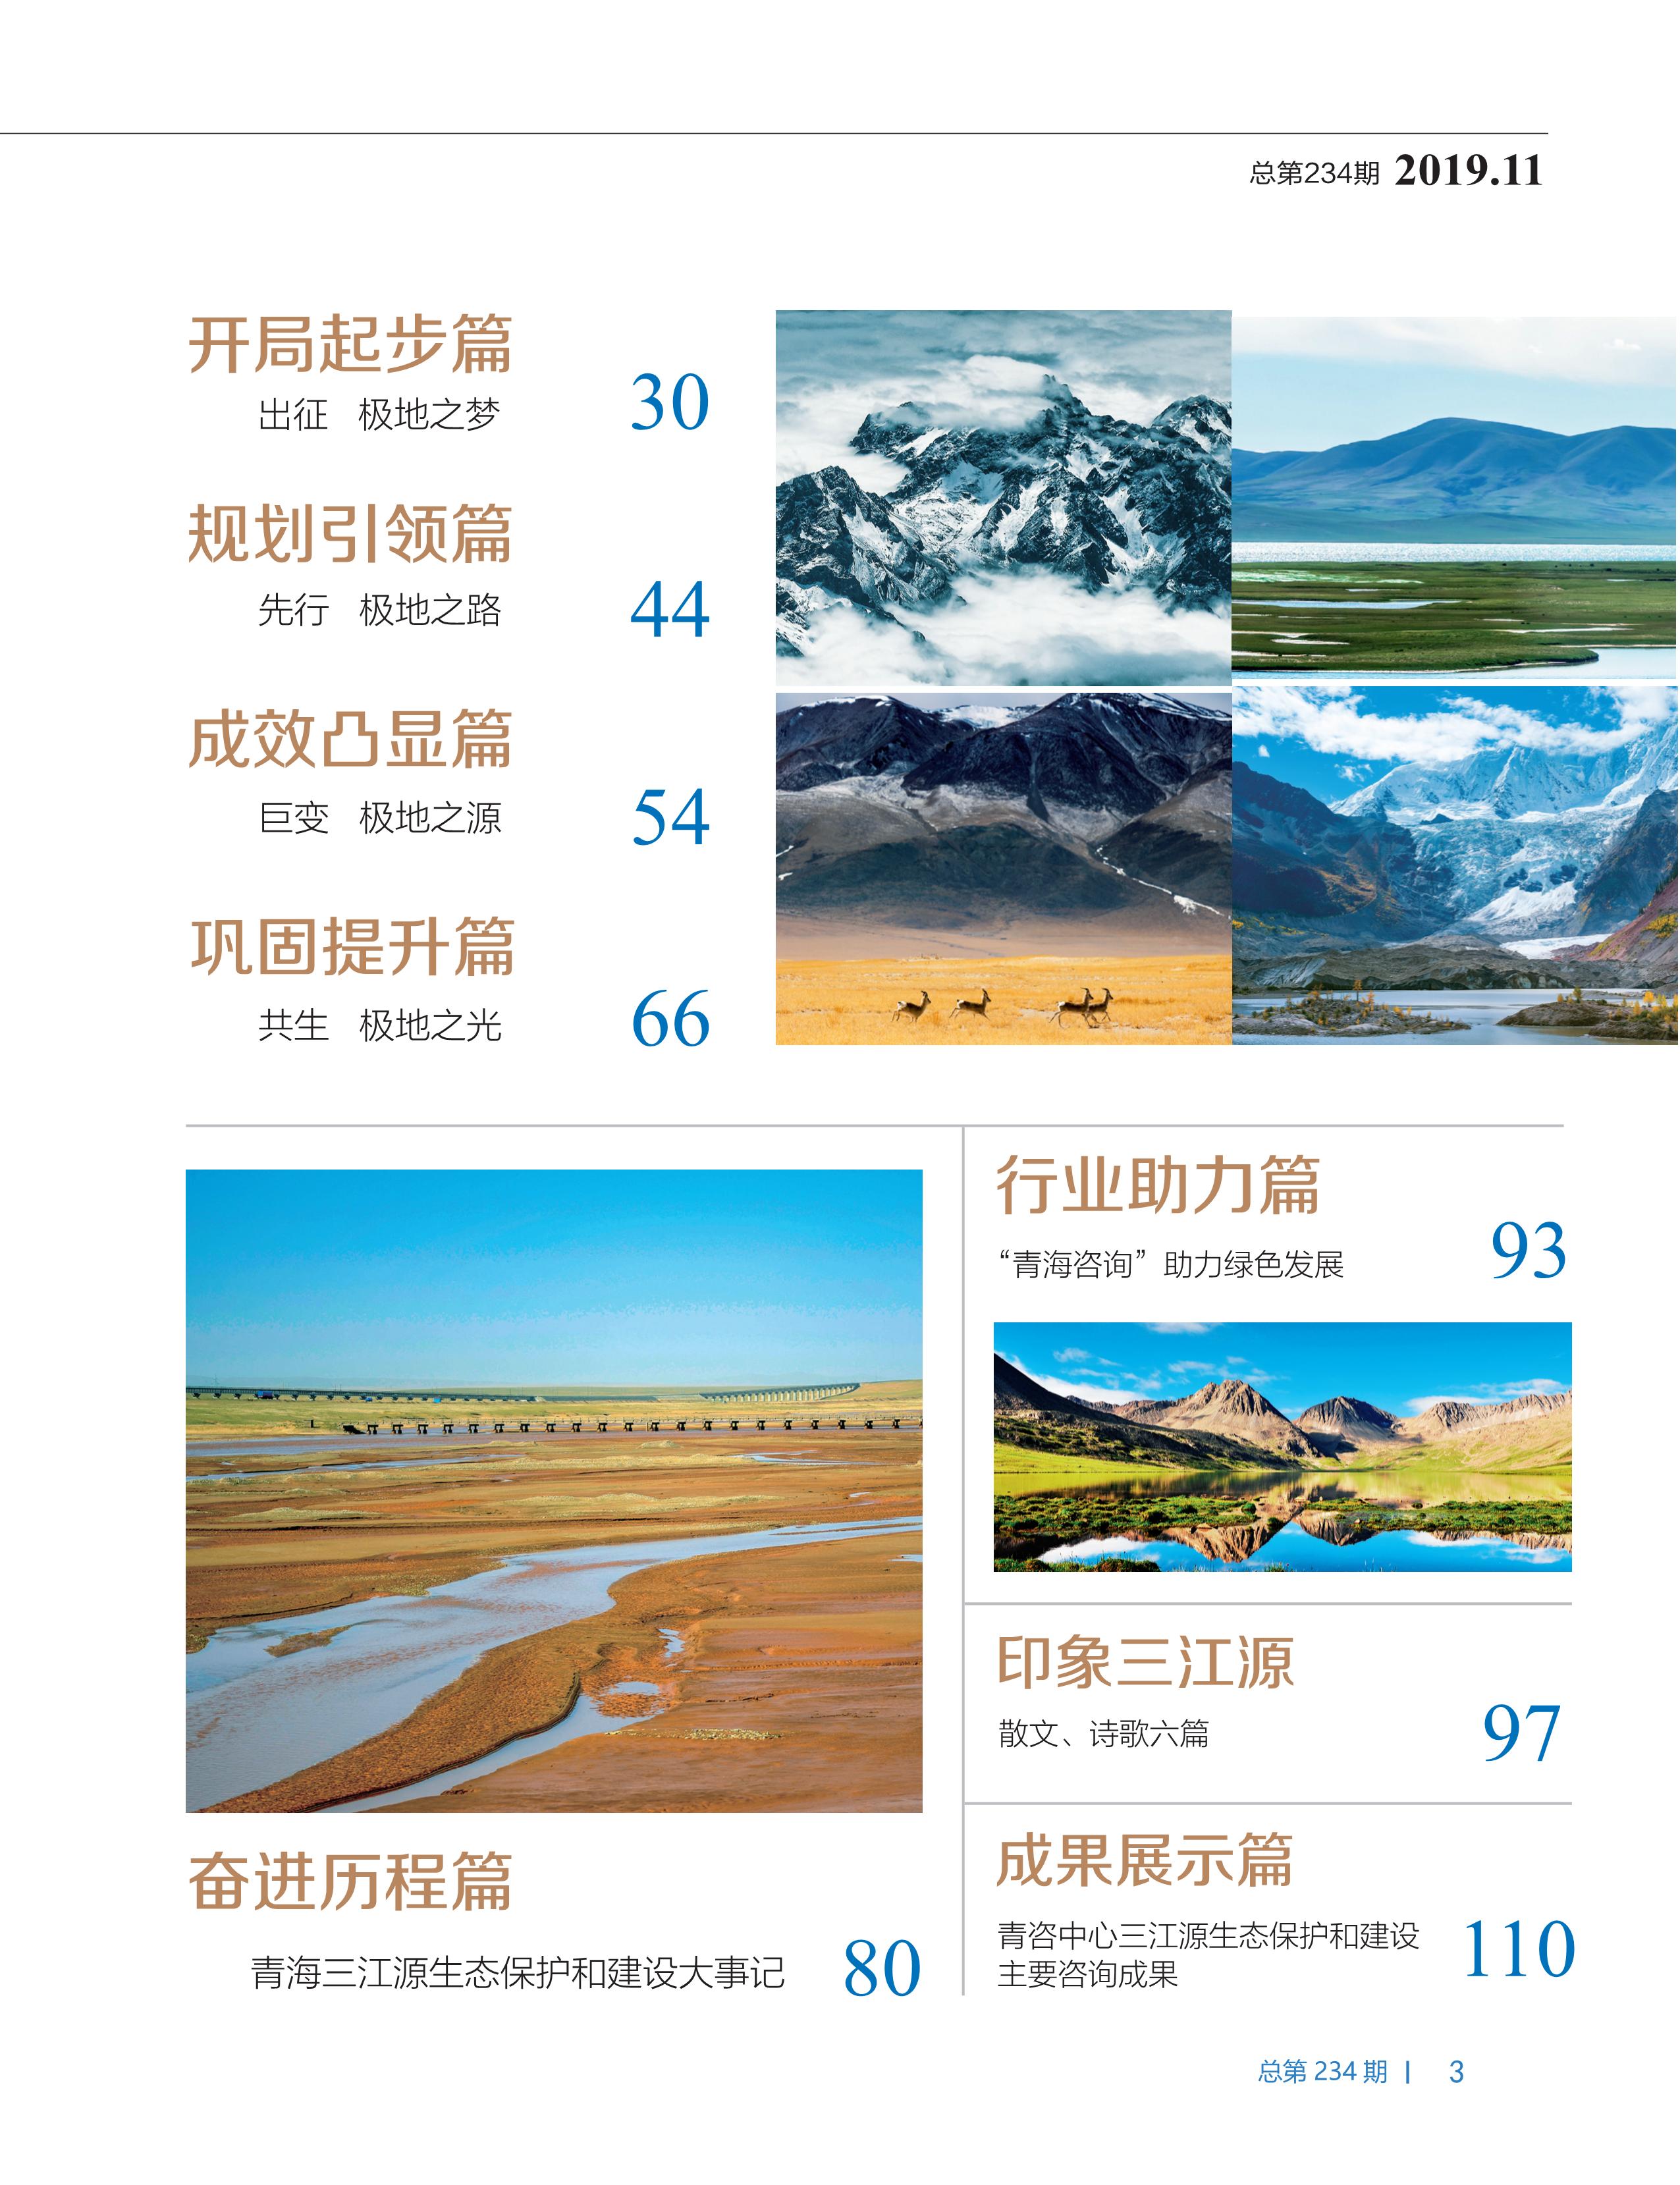 中國工程咨詢2019年第十一期-復件-1_3